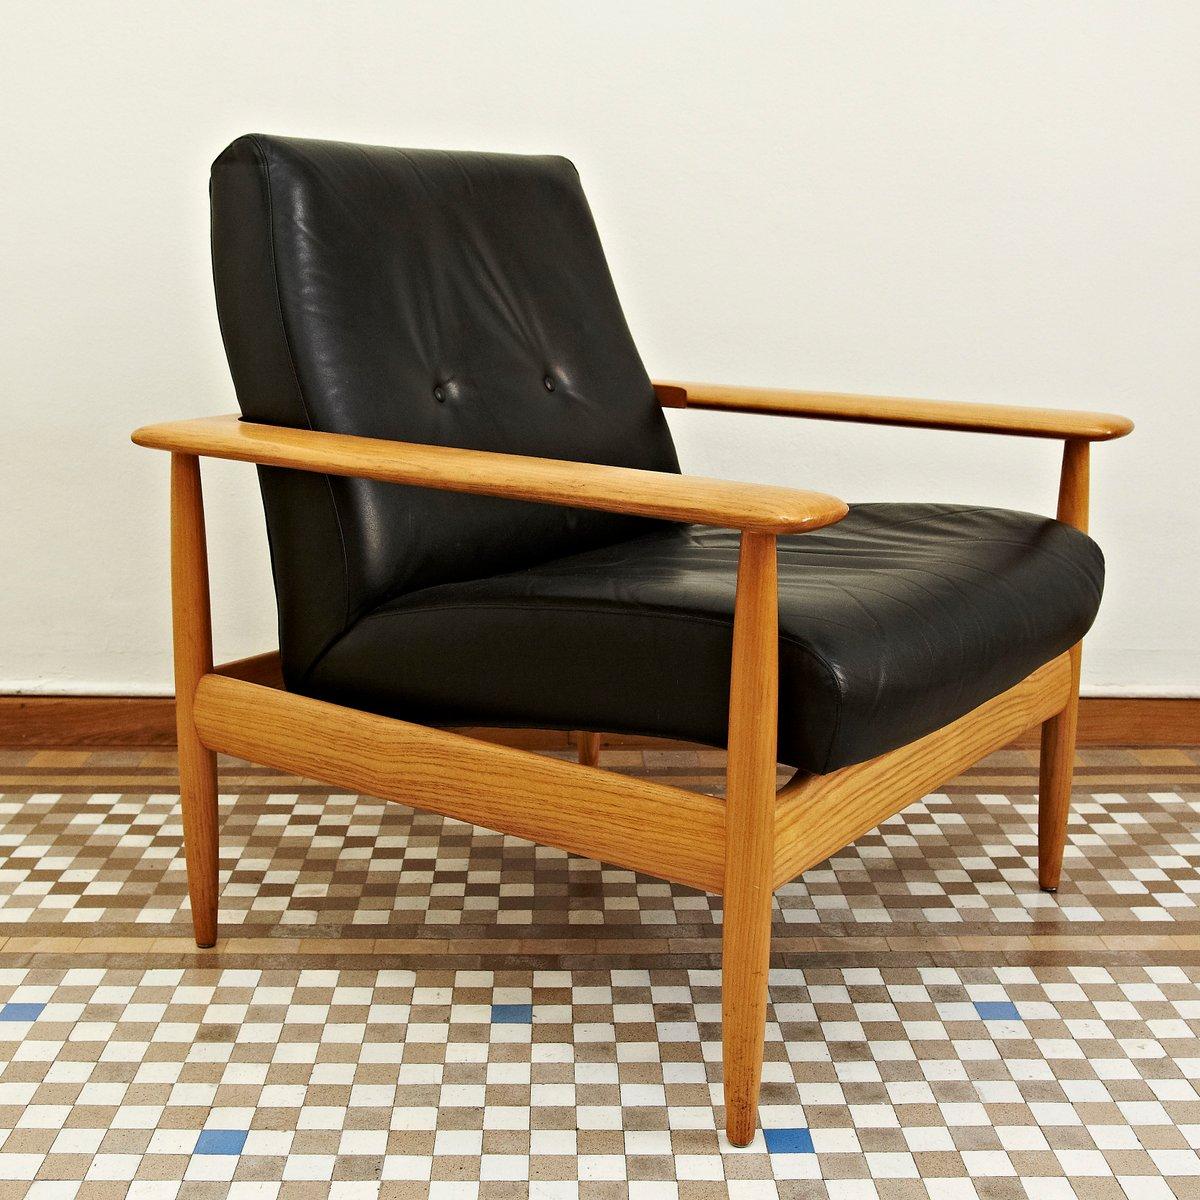 Skandinavischer Mid-Century Sessel, 1950er